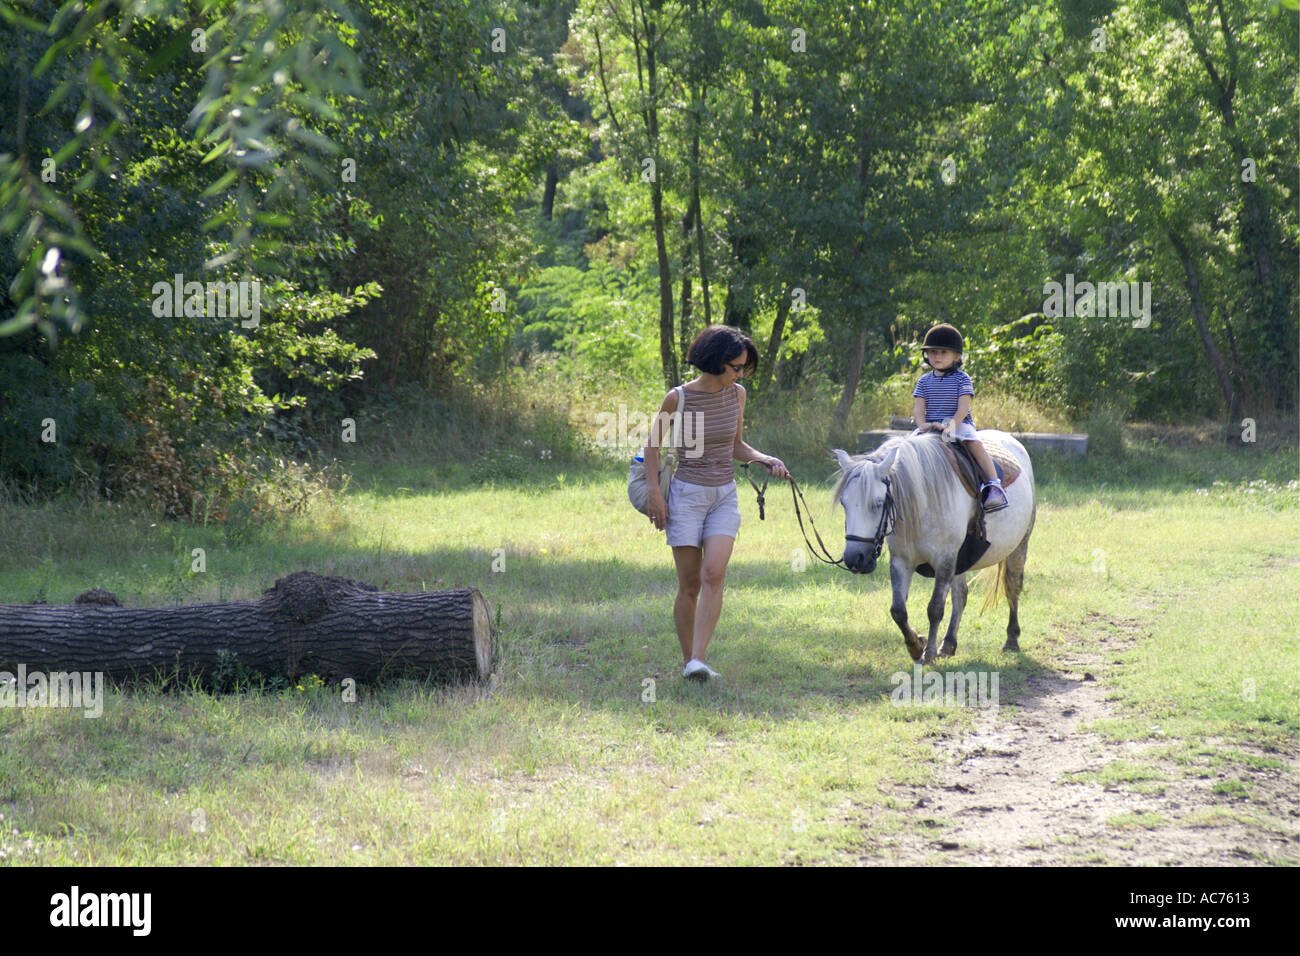 Mutter führt junge Tochter auf einem Pony Frankreich Stockbild